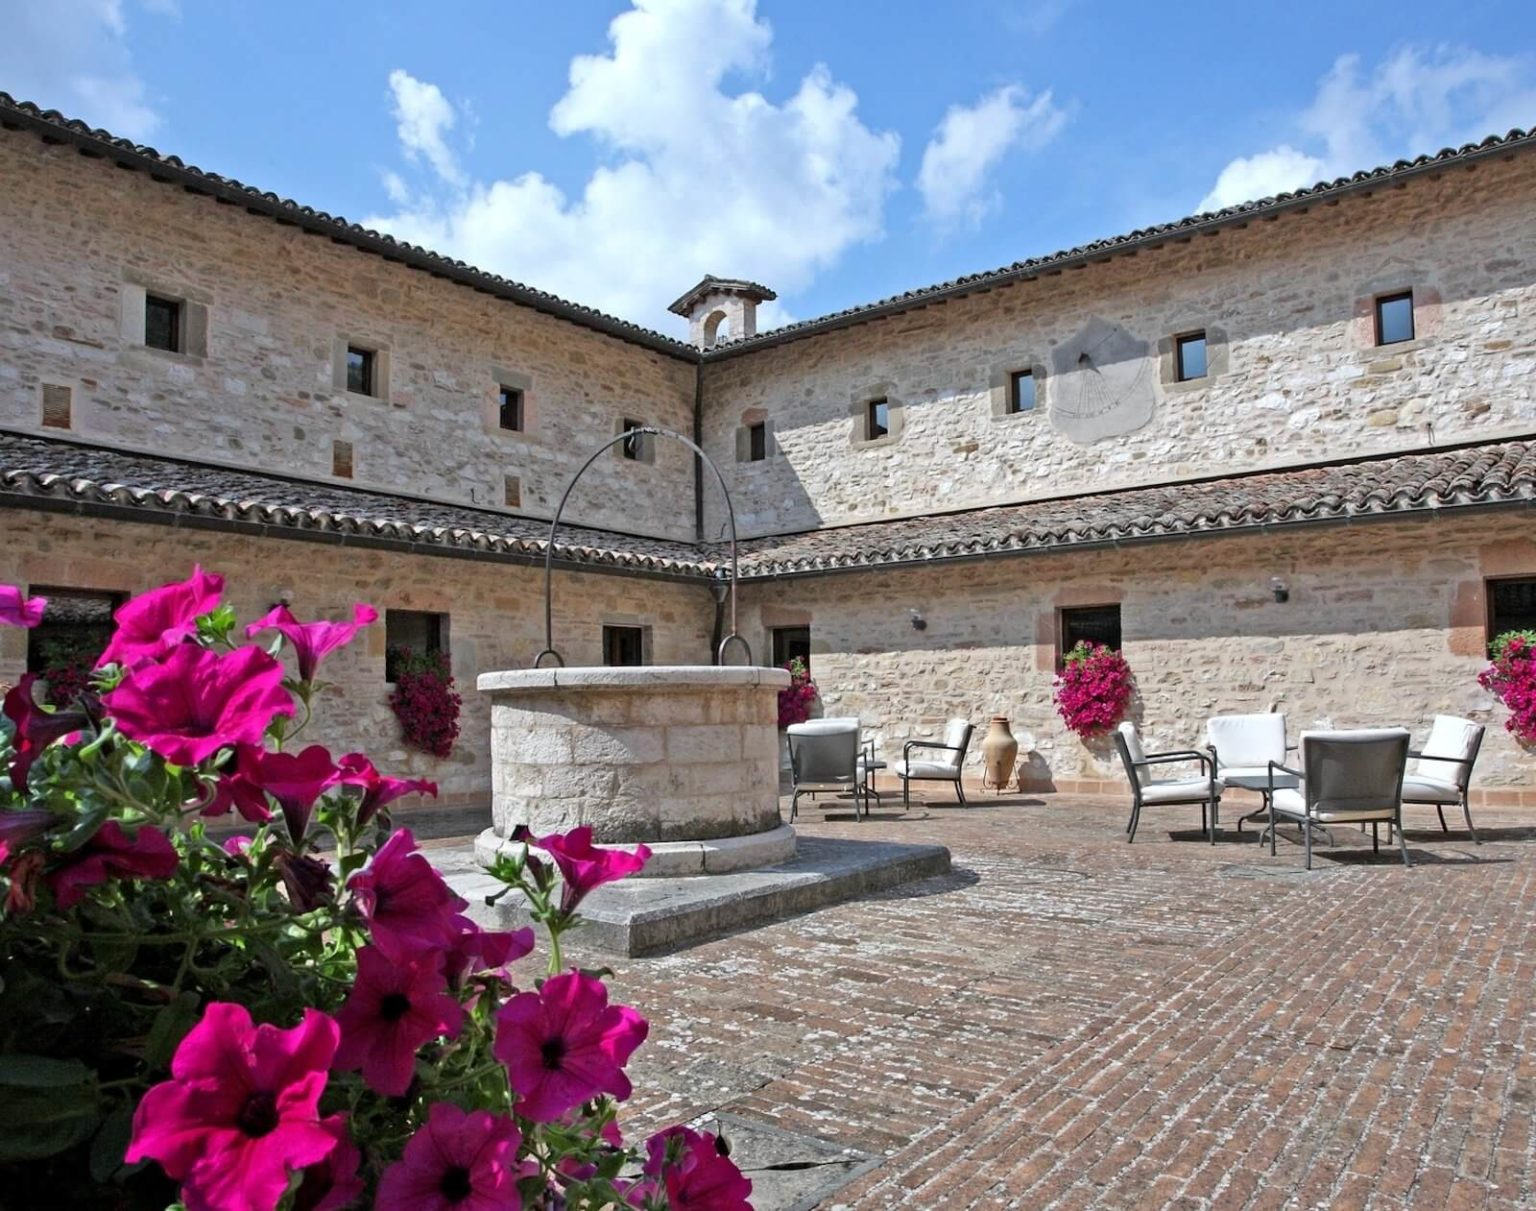 Park Hotel ai Cappuccini, Gubbio provincia di Perugia (Umbria, Italia)